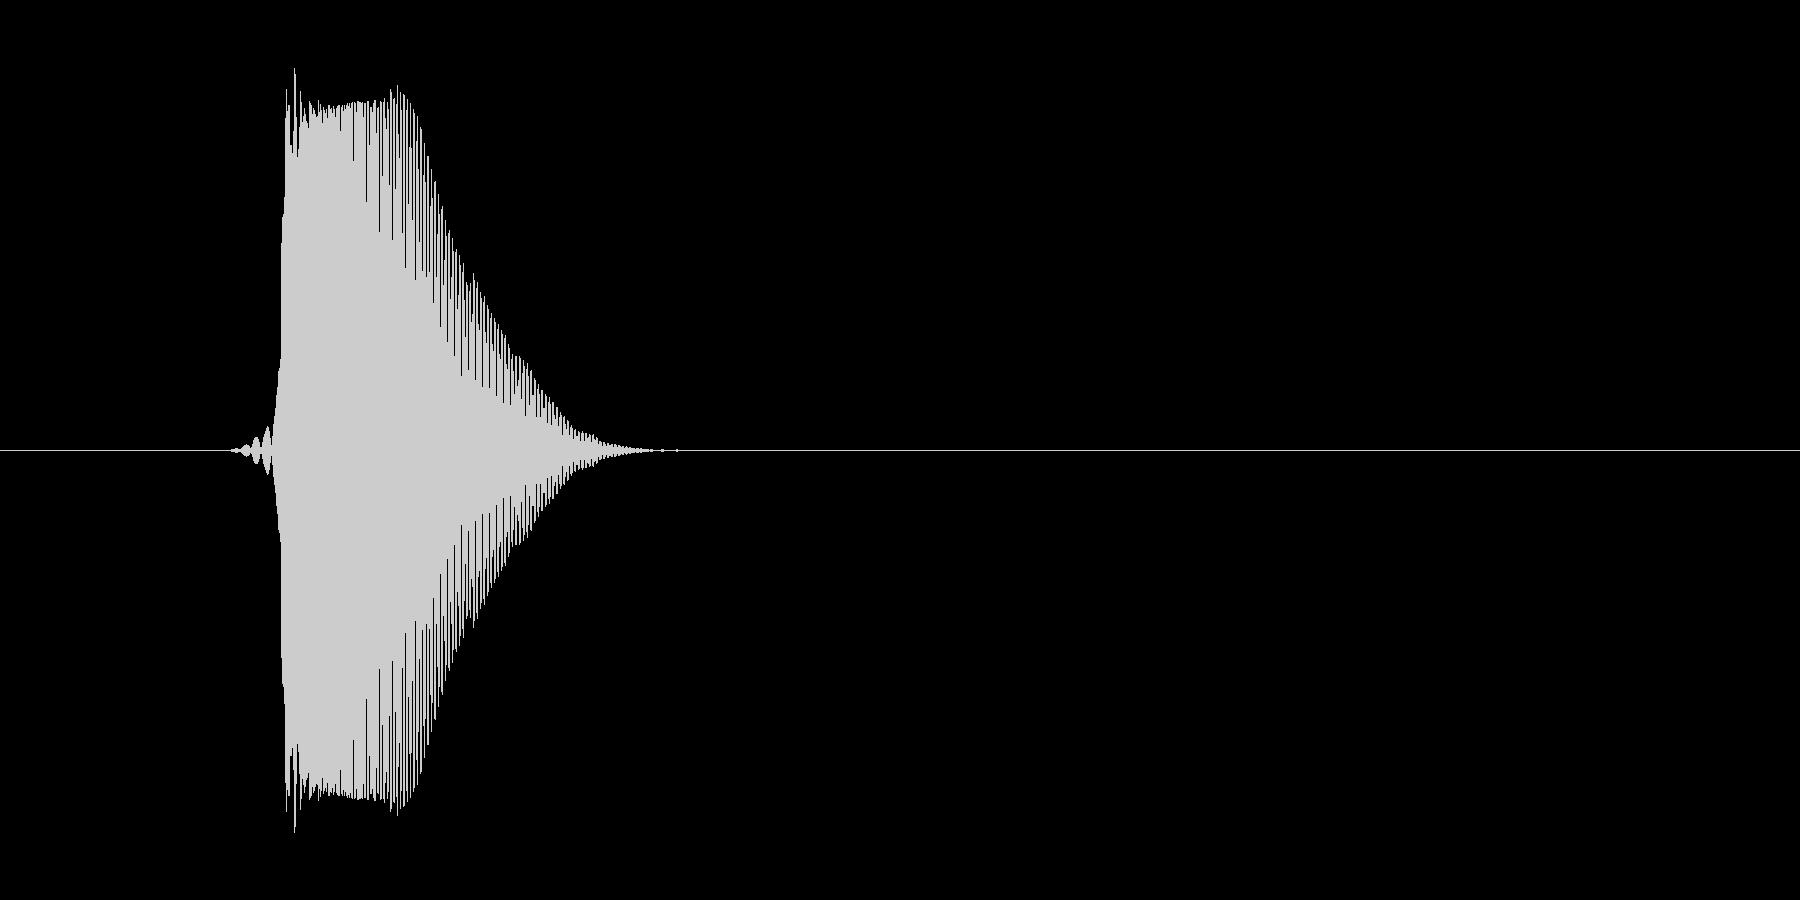 スポンッ(卵などが出た音)の未再生の波形